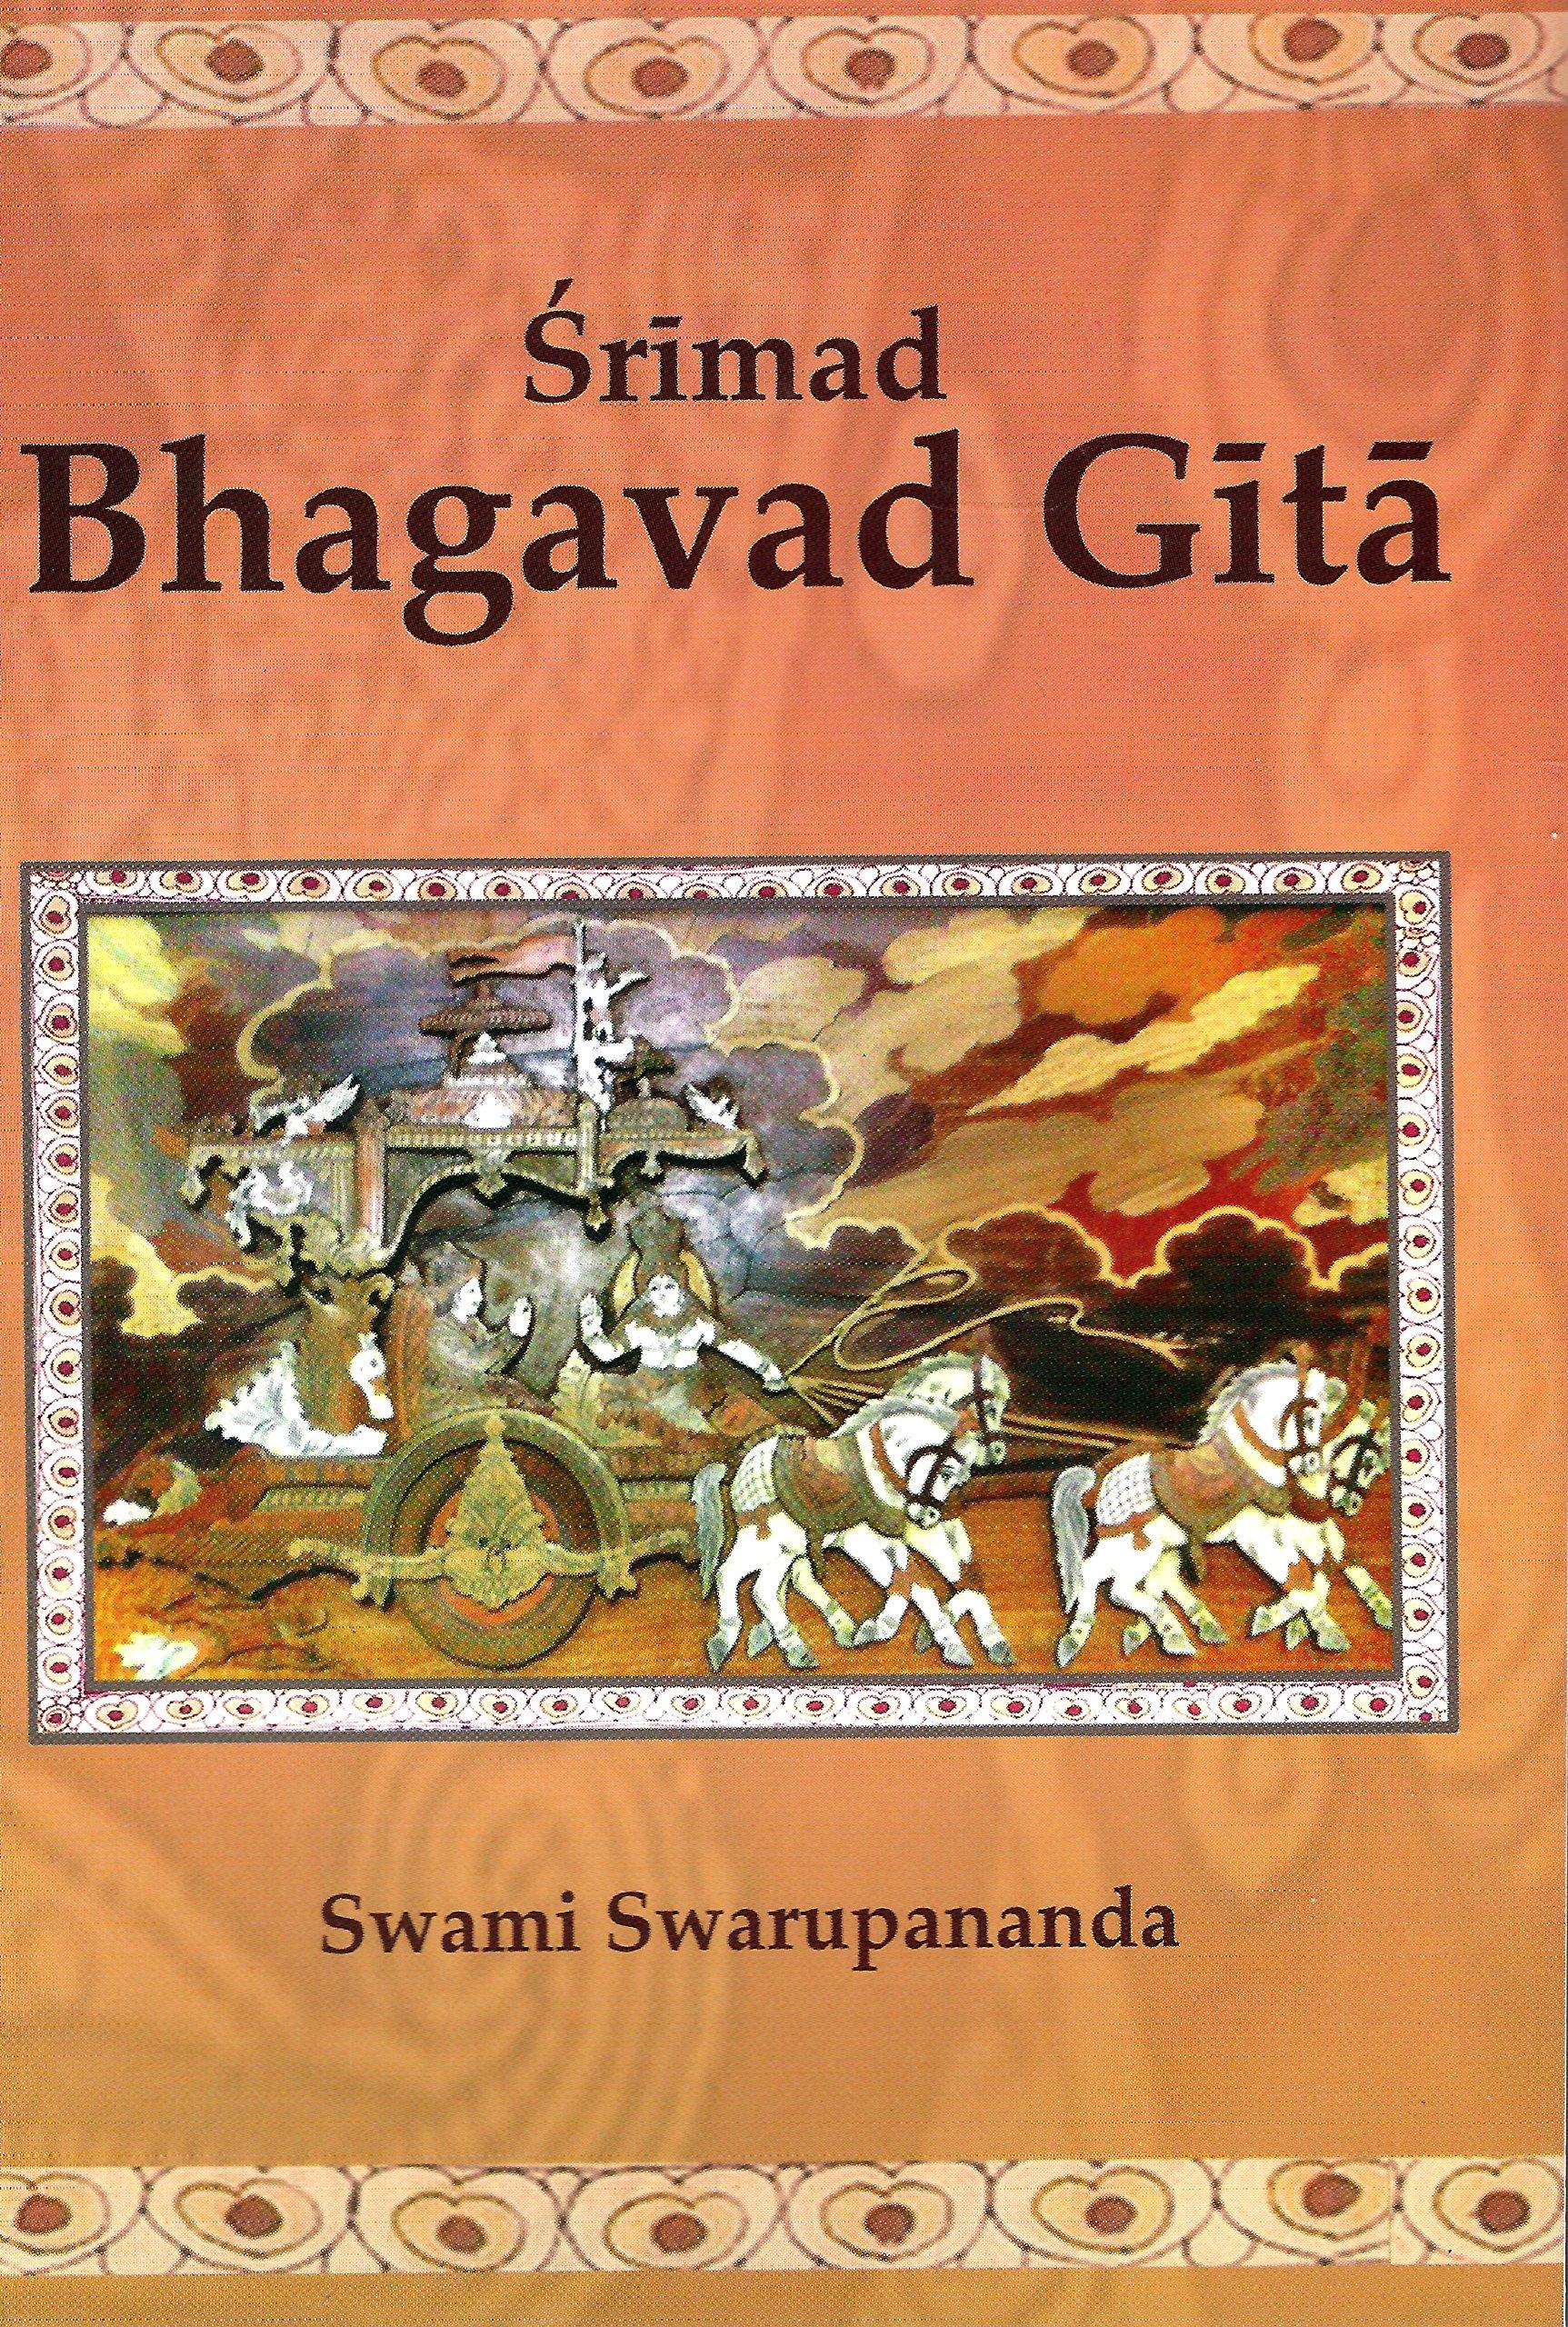 Shrimad Bhagavad Gita English Pdf